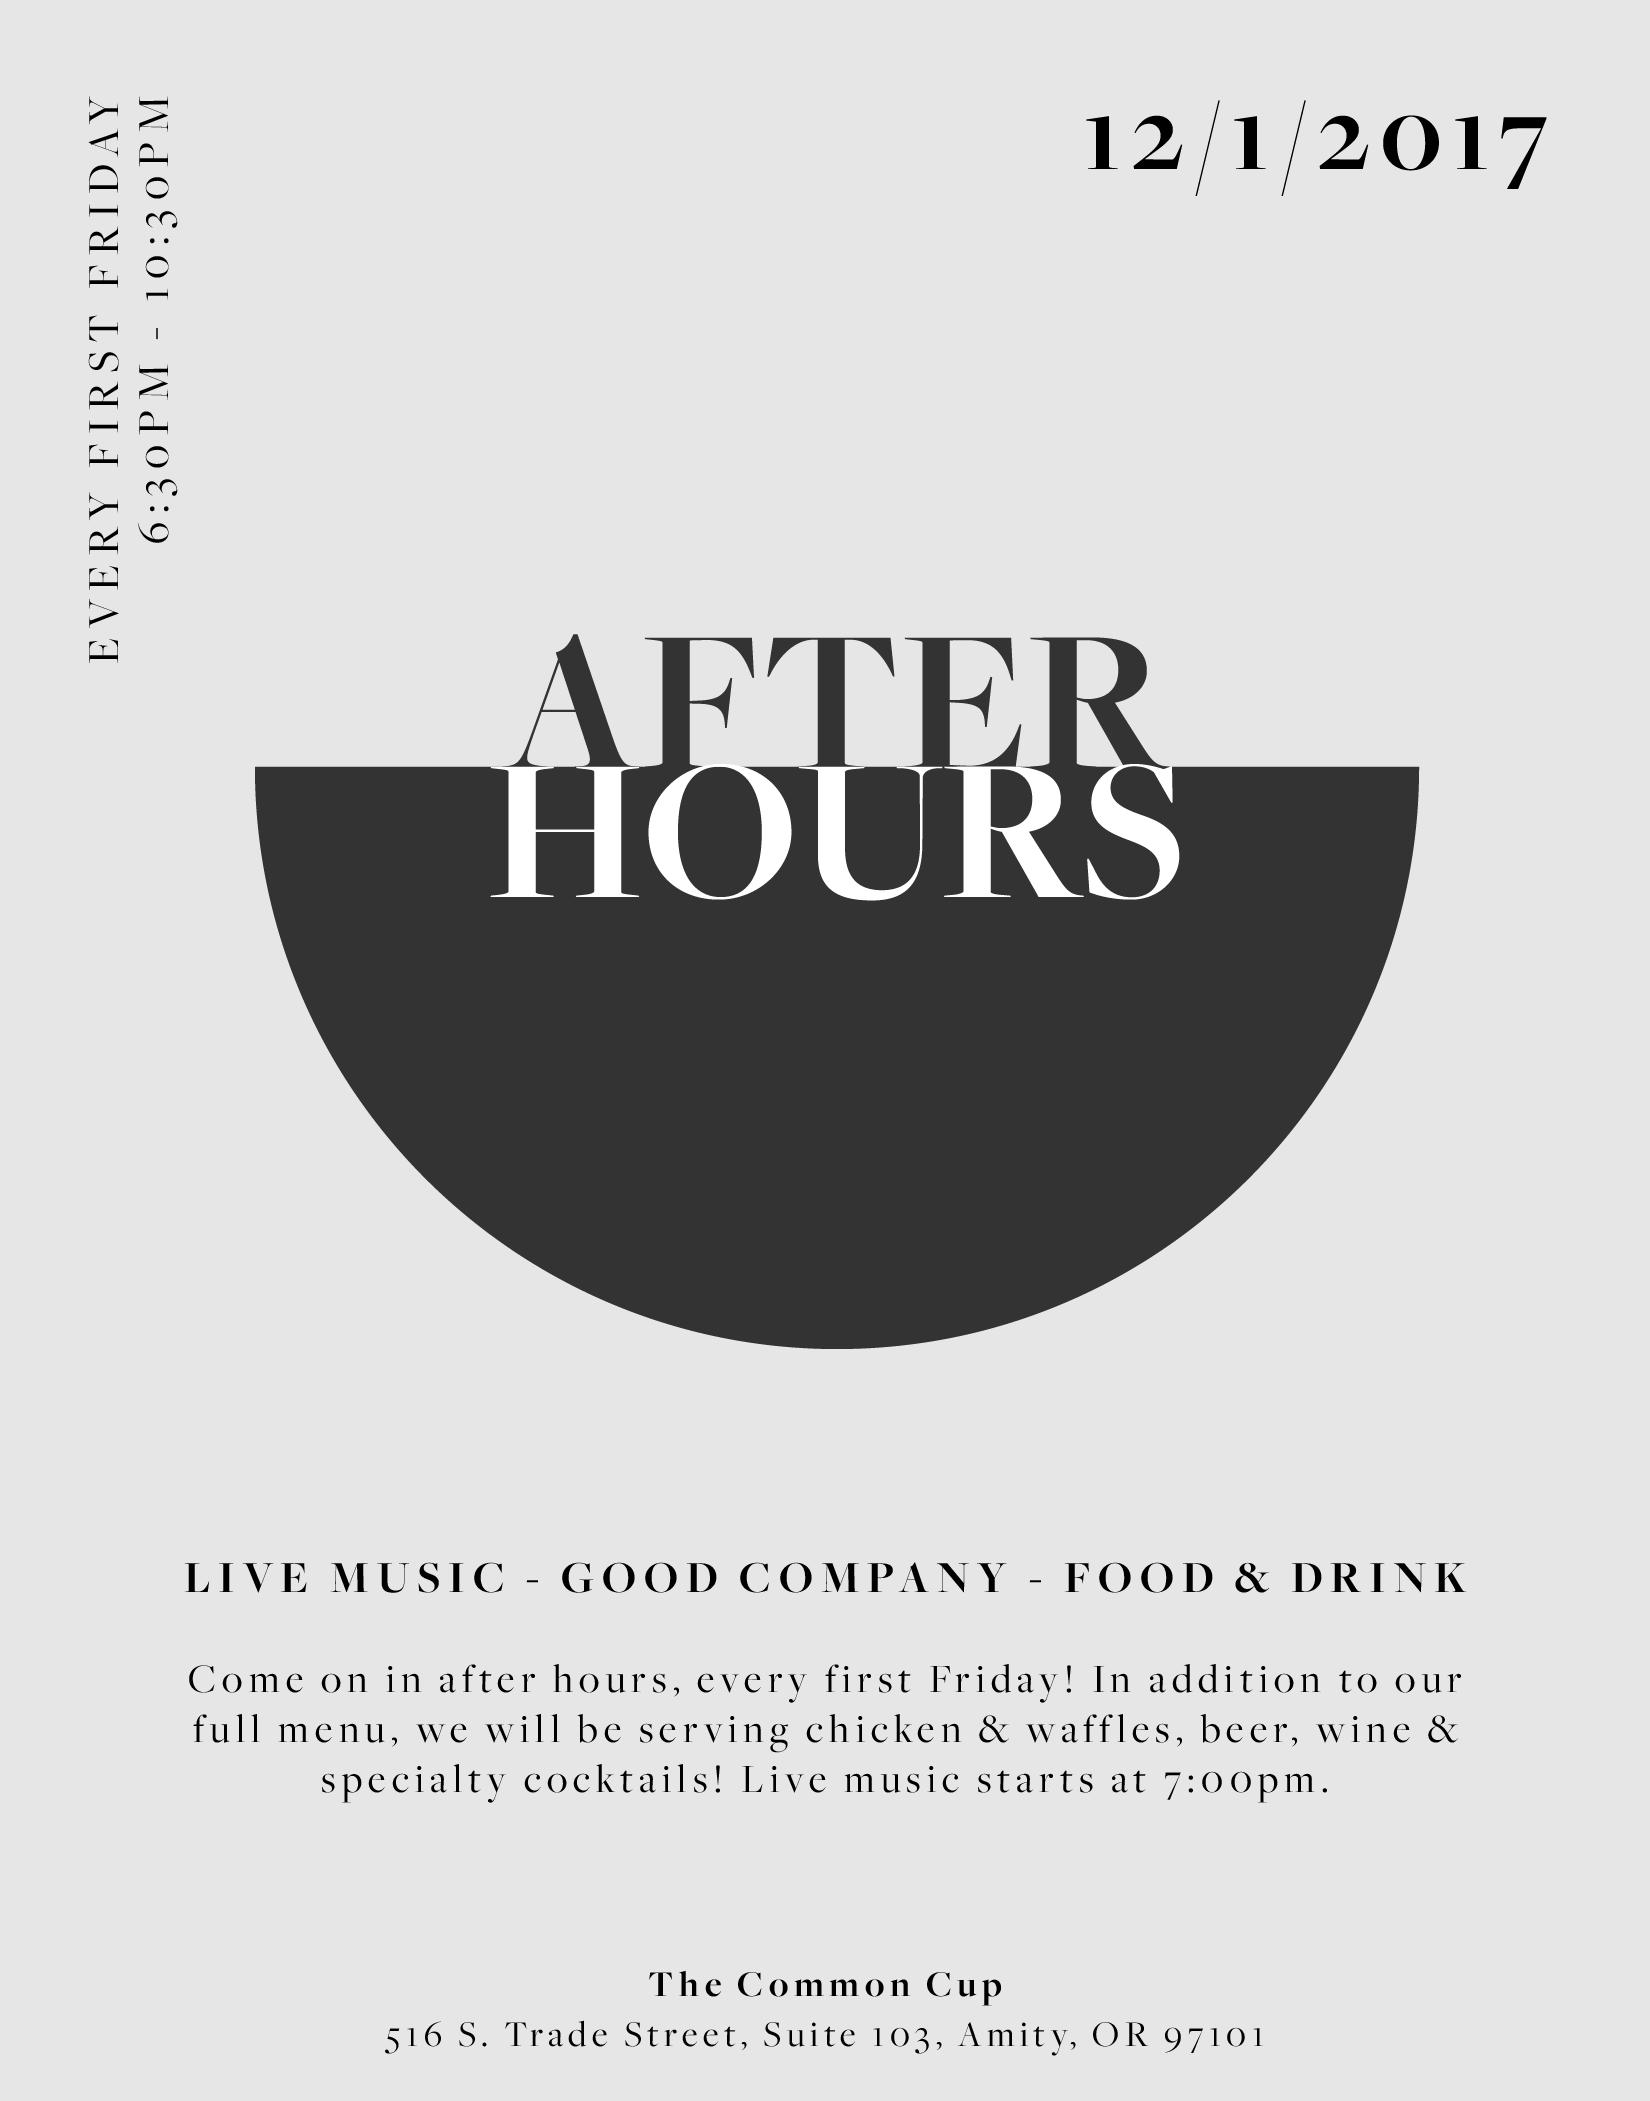 After Hours Poster V2-01.png